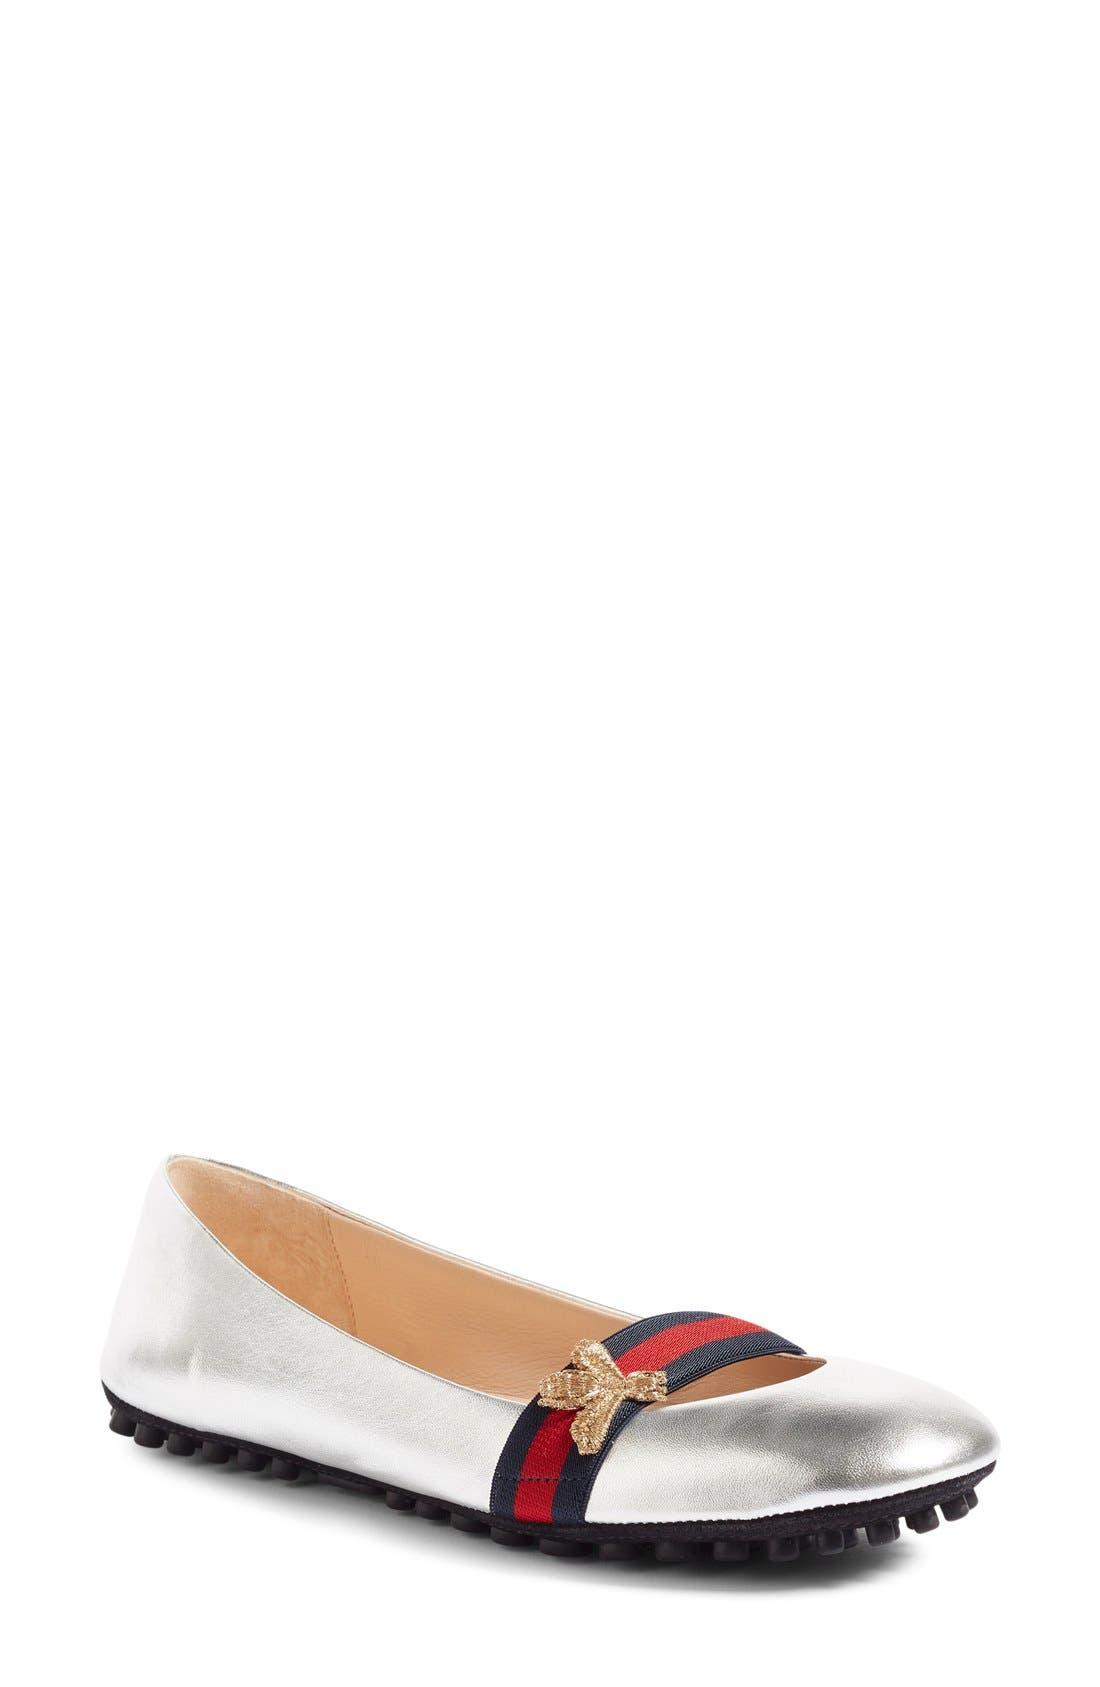 Main Image - Gucci 'Bayadere' Ballerina Flat (Women)